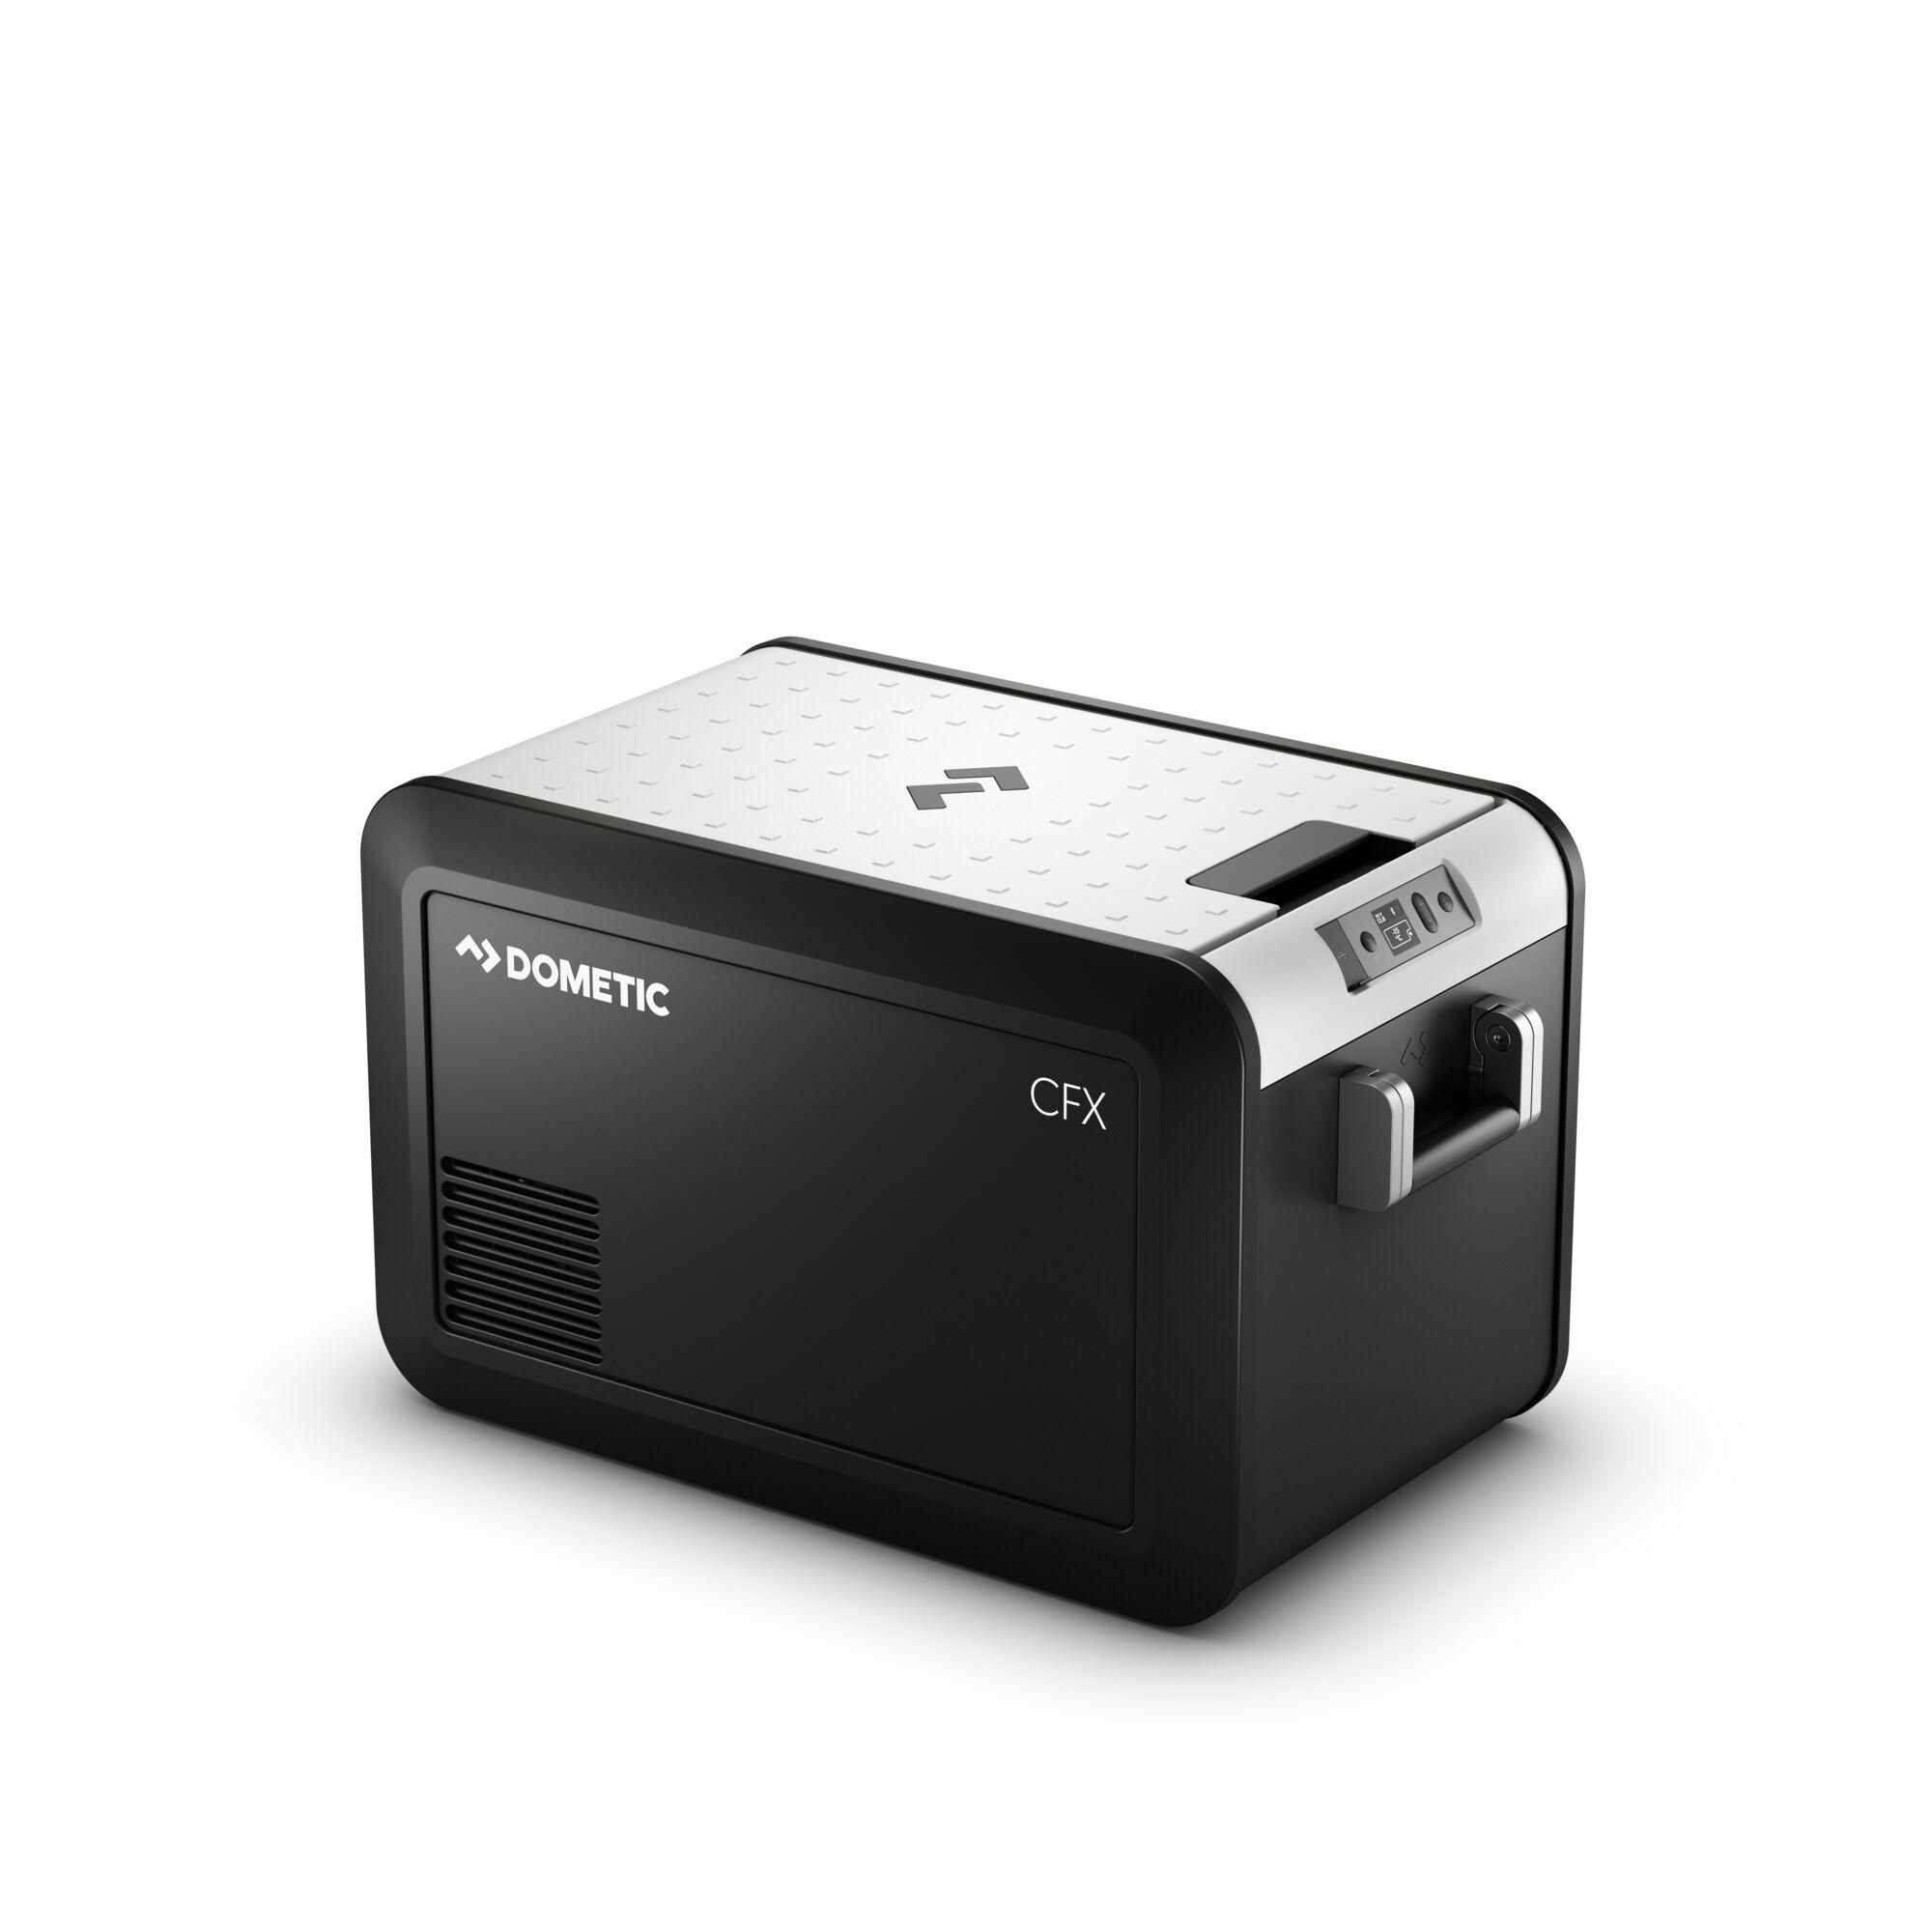 Dometic CFX3 35 AC/DC Kompressorkühlbox Kühlbox 32 Liter schwarz, grau EEK C